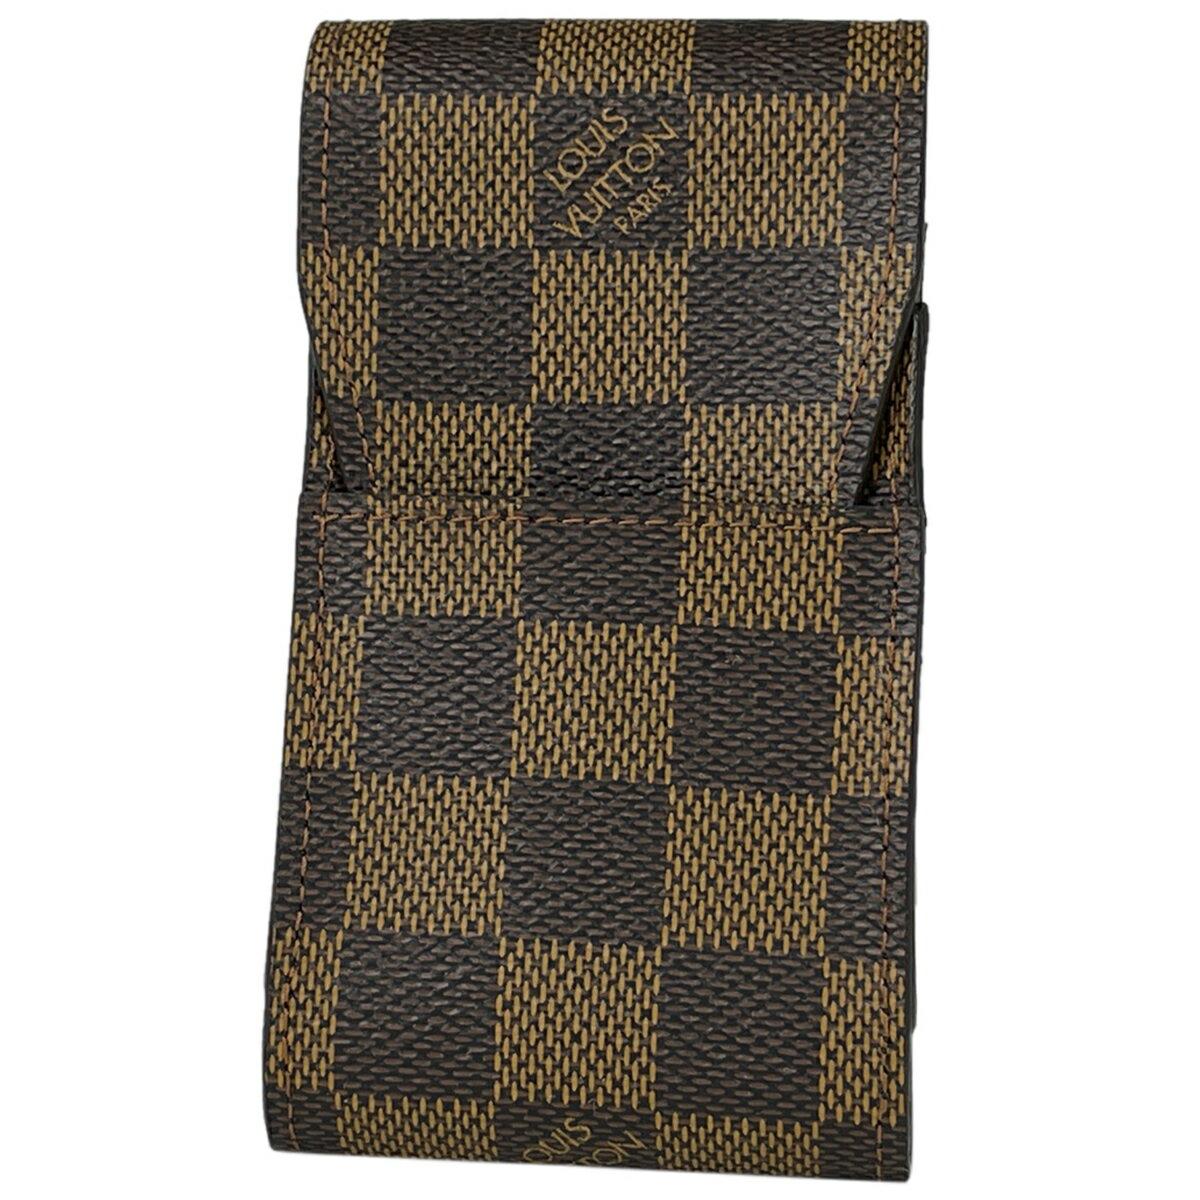 喫煙具, シガレットケース 5OFF Louis Vuitton N63024 msp29perb